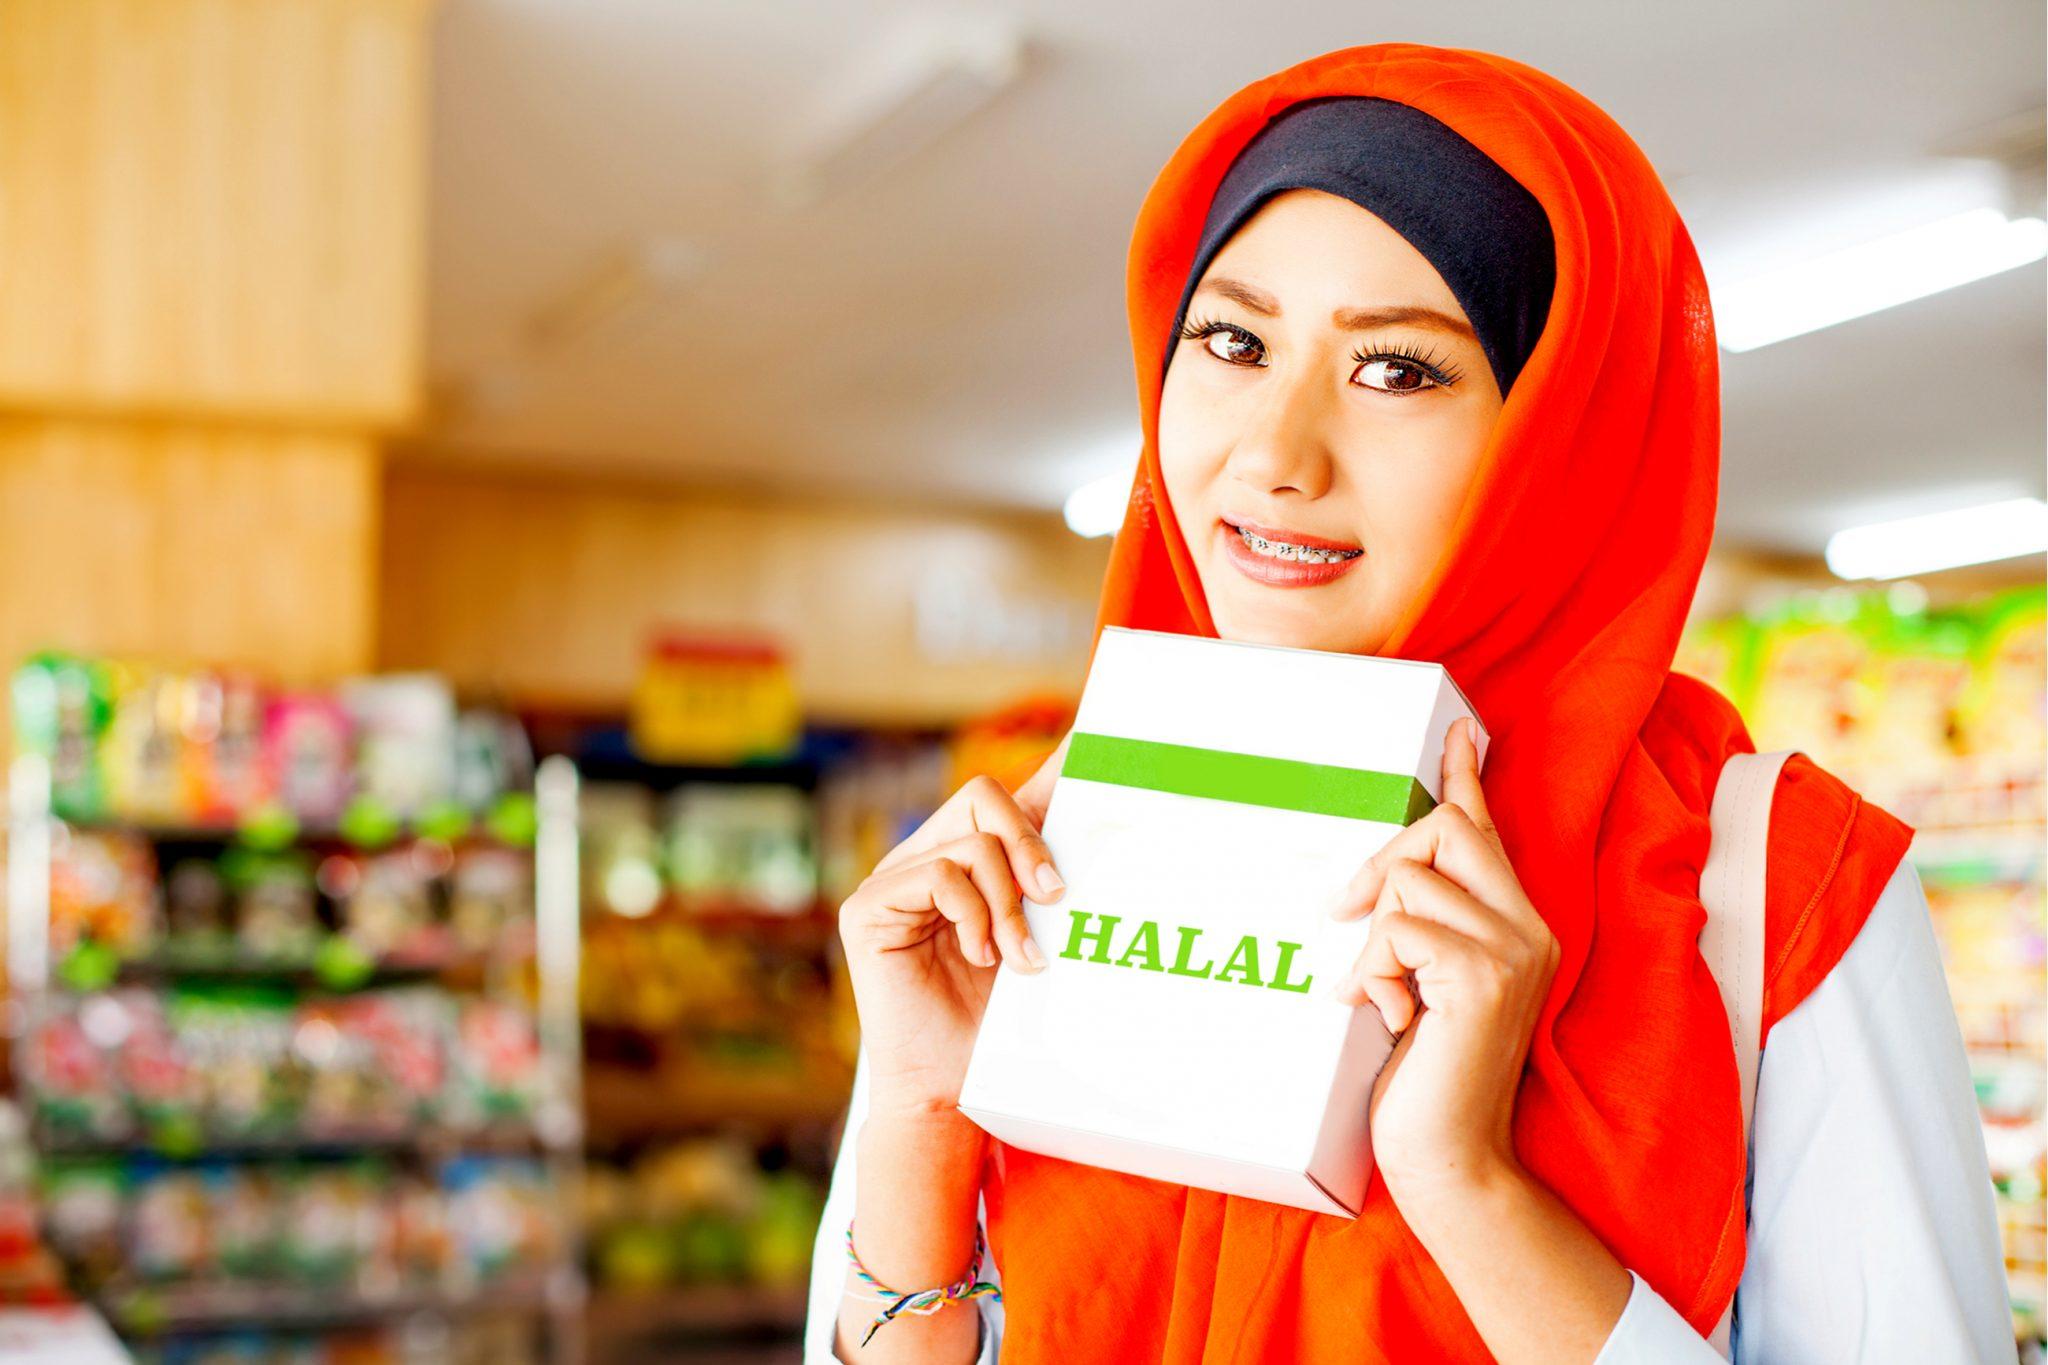 ハラルの本を持ってるイスラム教の女性